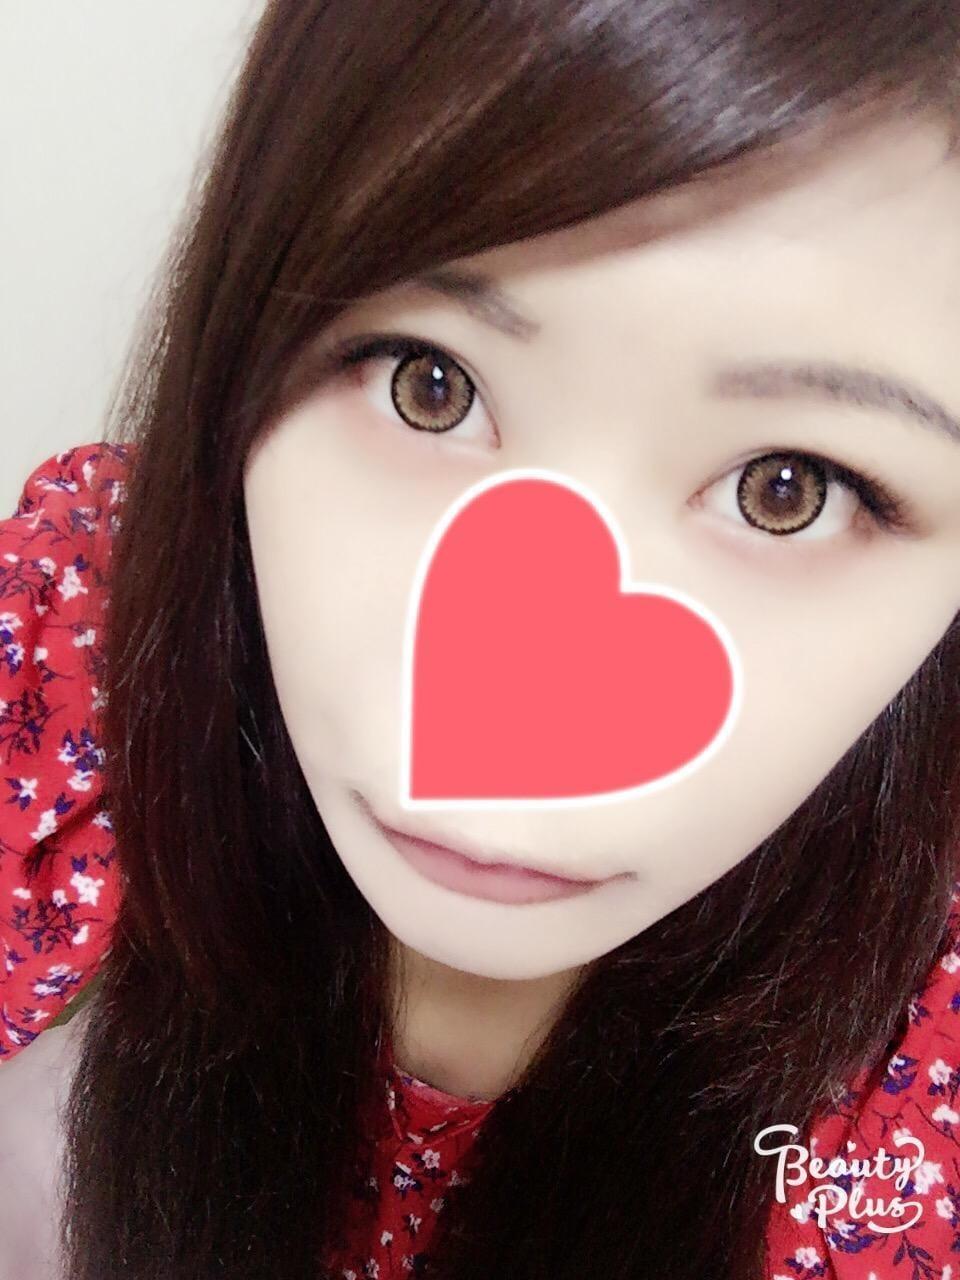 「June 15th ★」06/15(06/15) 17:47 | まどかの写メ・風俗動画